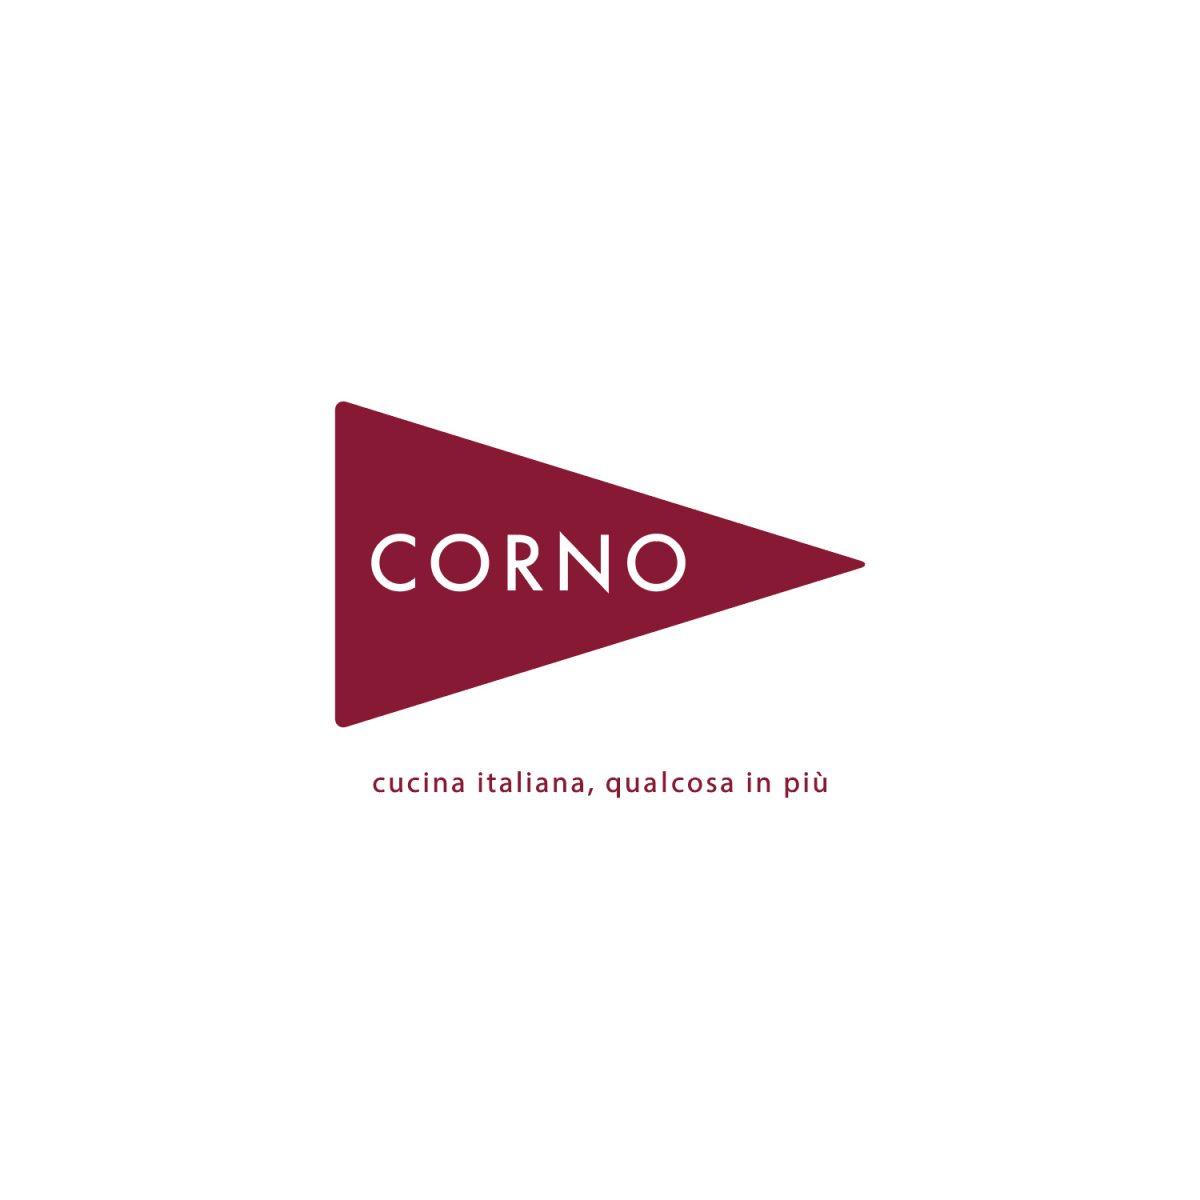 CORNO ロゴシンボル ロゴデザイン ブランディング